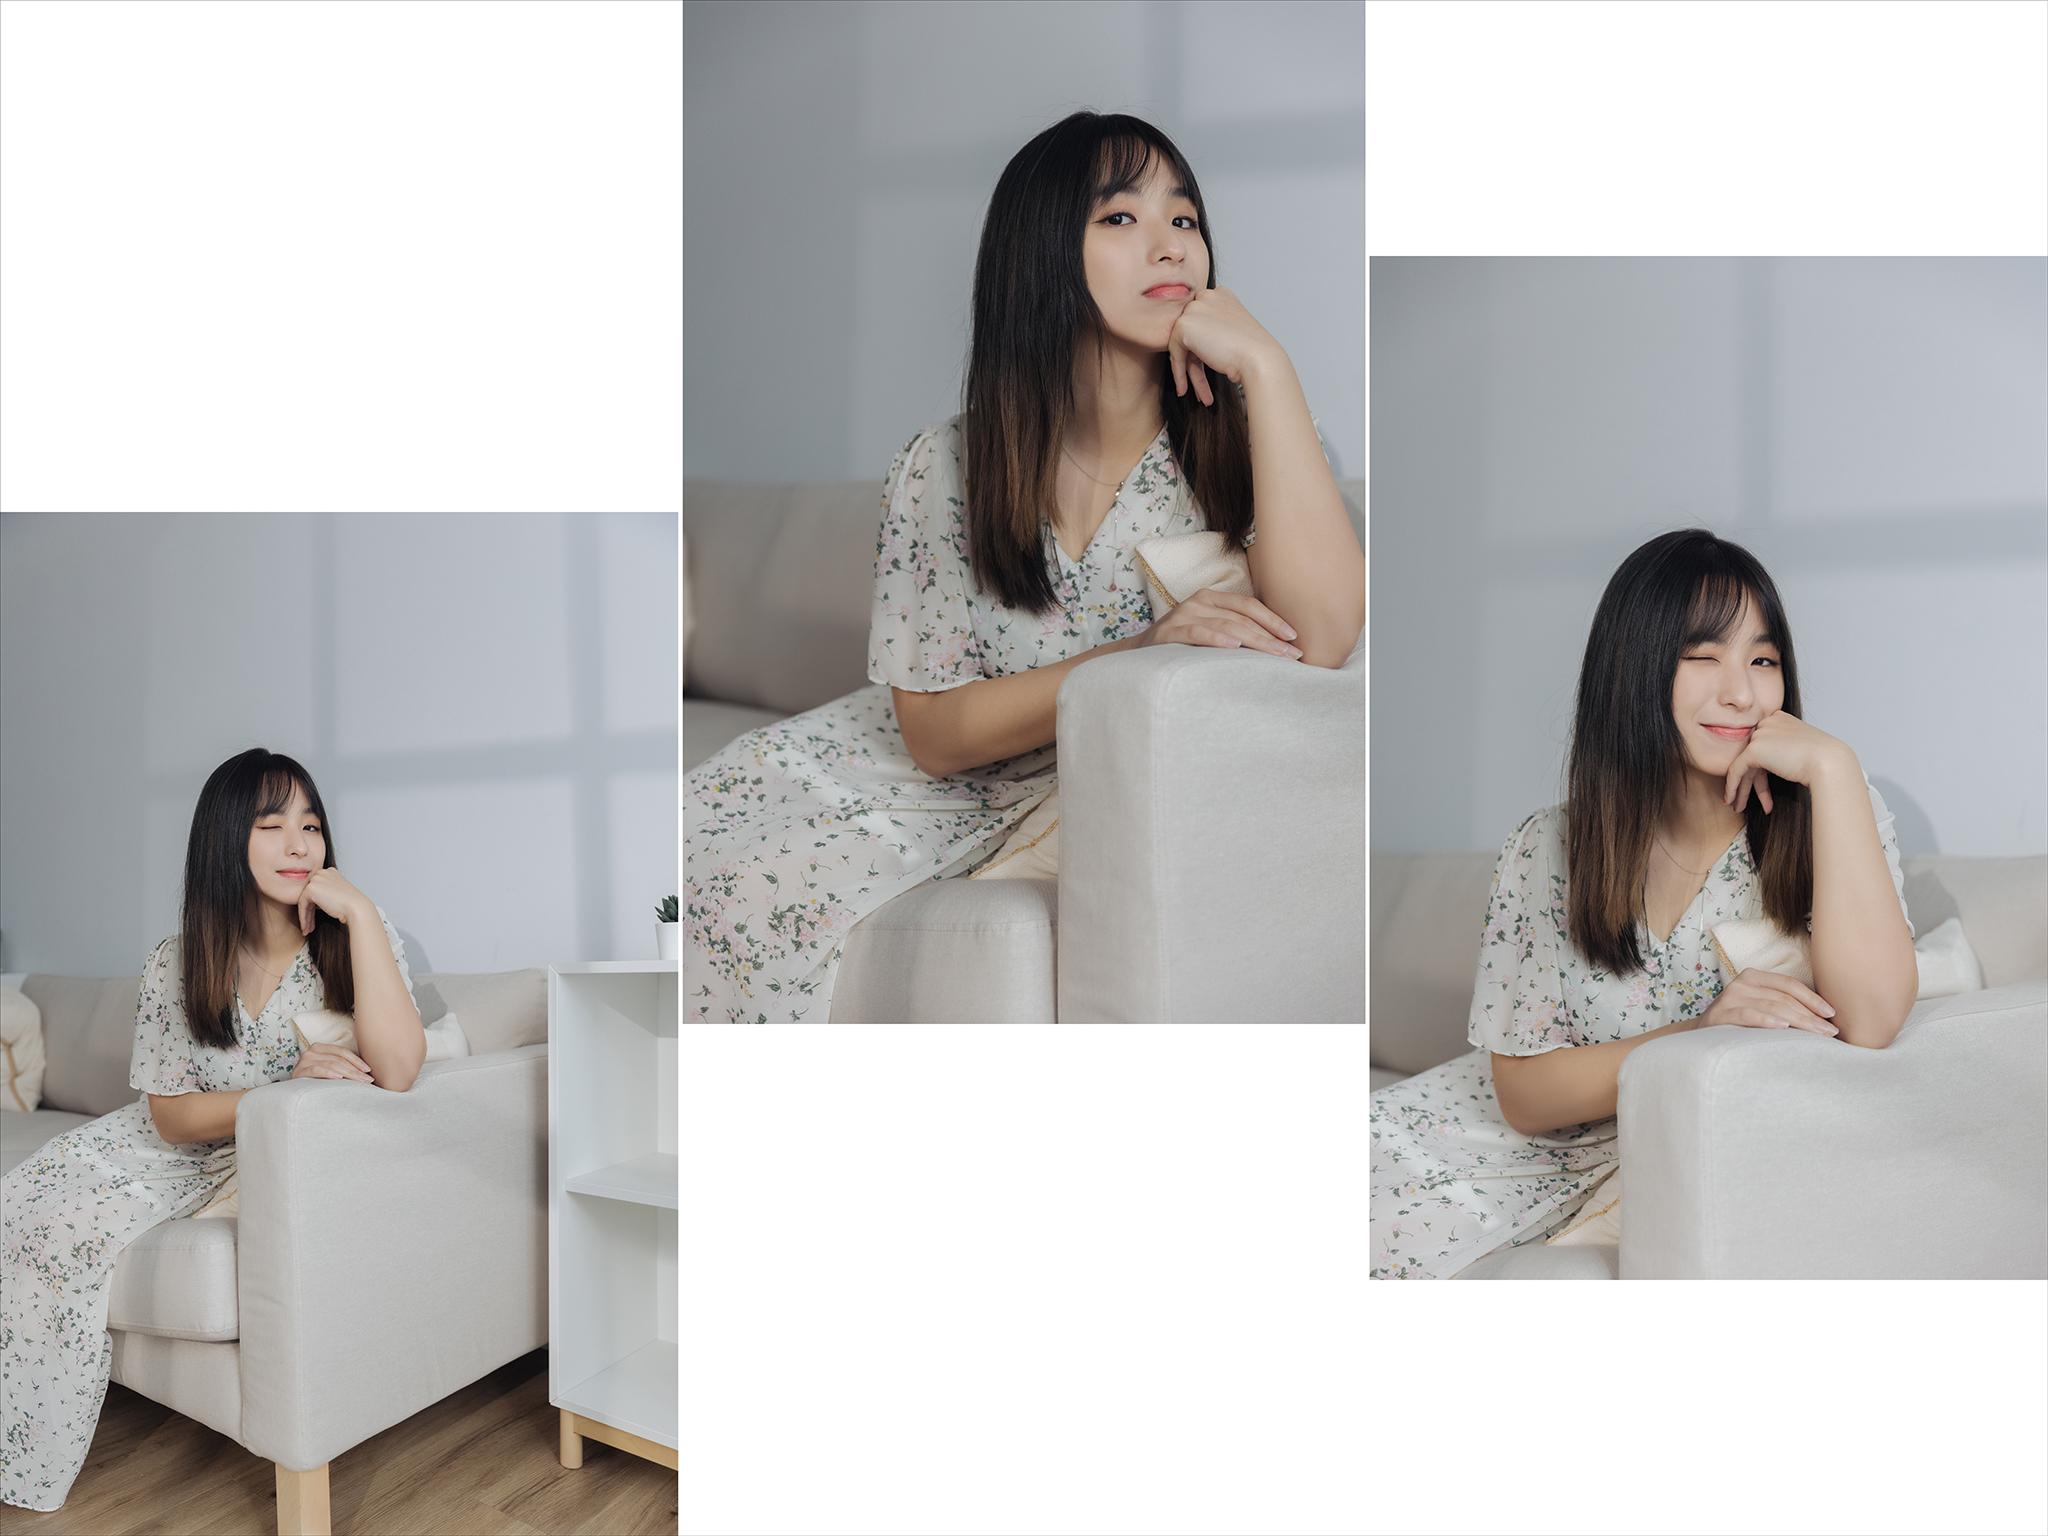 51026166147 f8772fa6a9 o - 【寫真】+Ping+